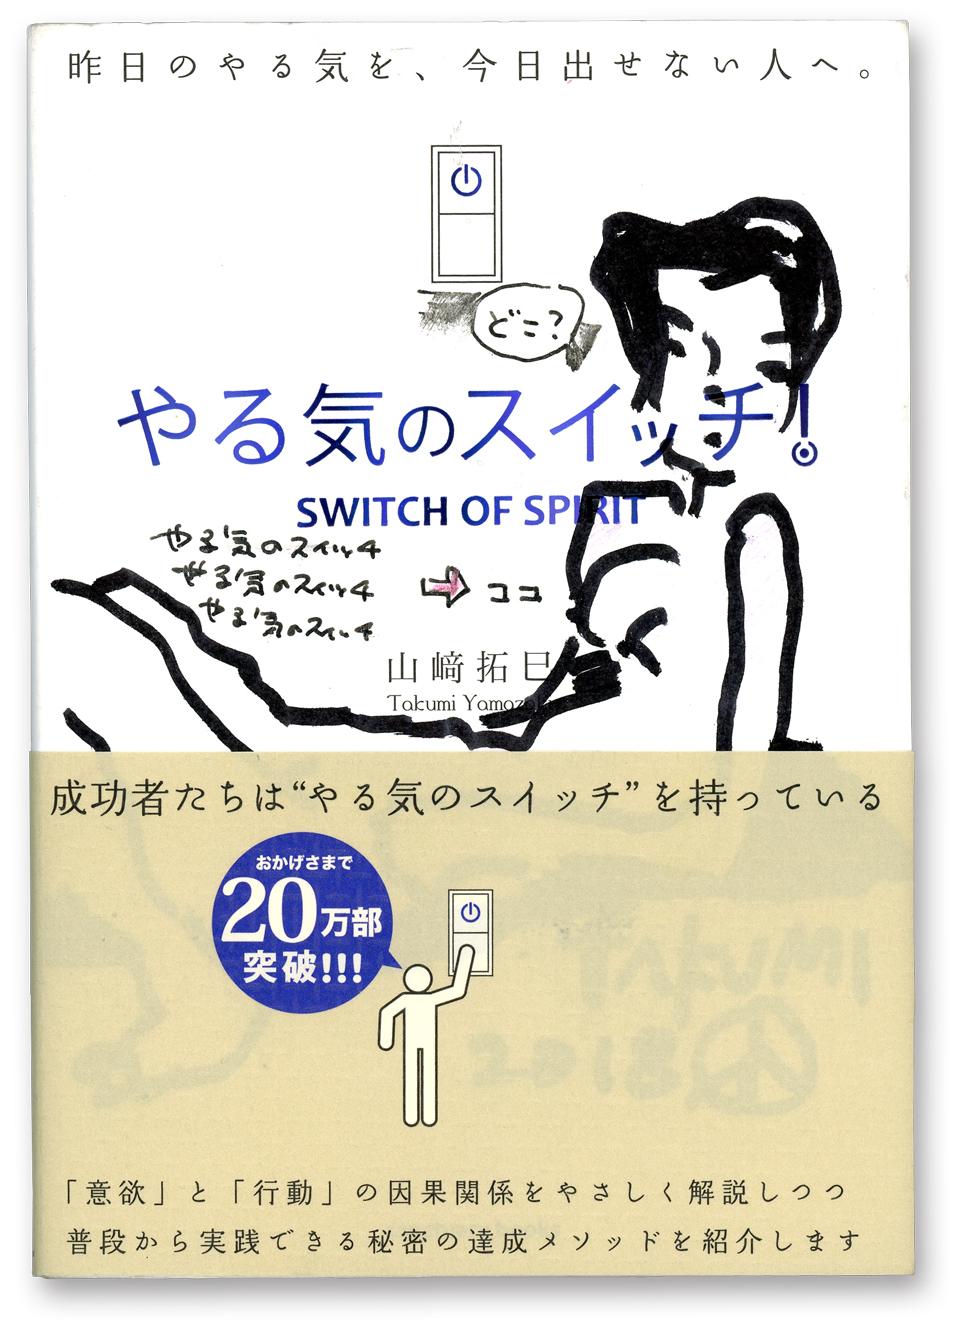 【10万円書き込み本】やる気のスイッチ!<完売> 1